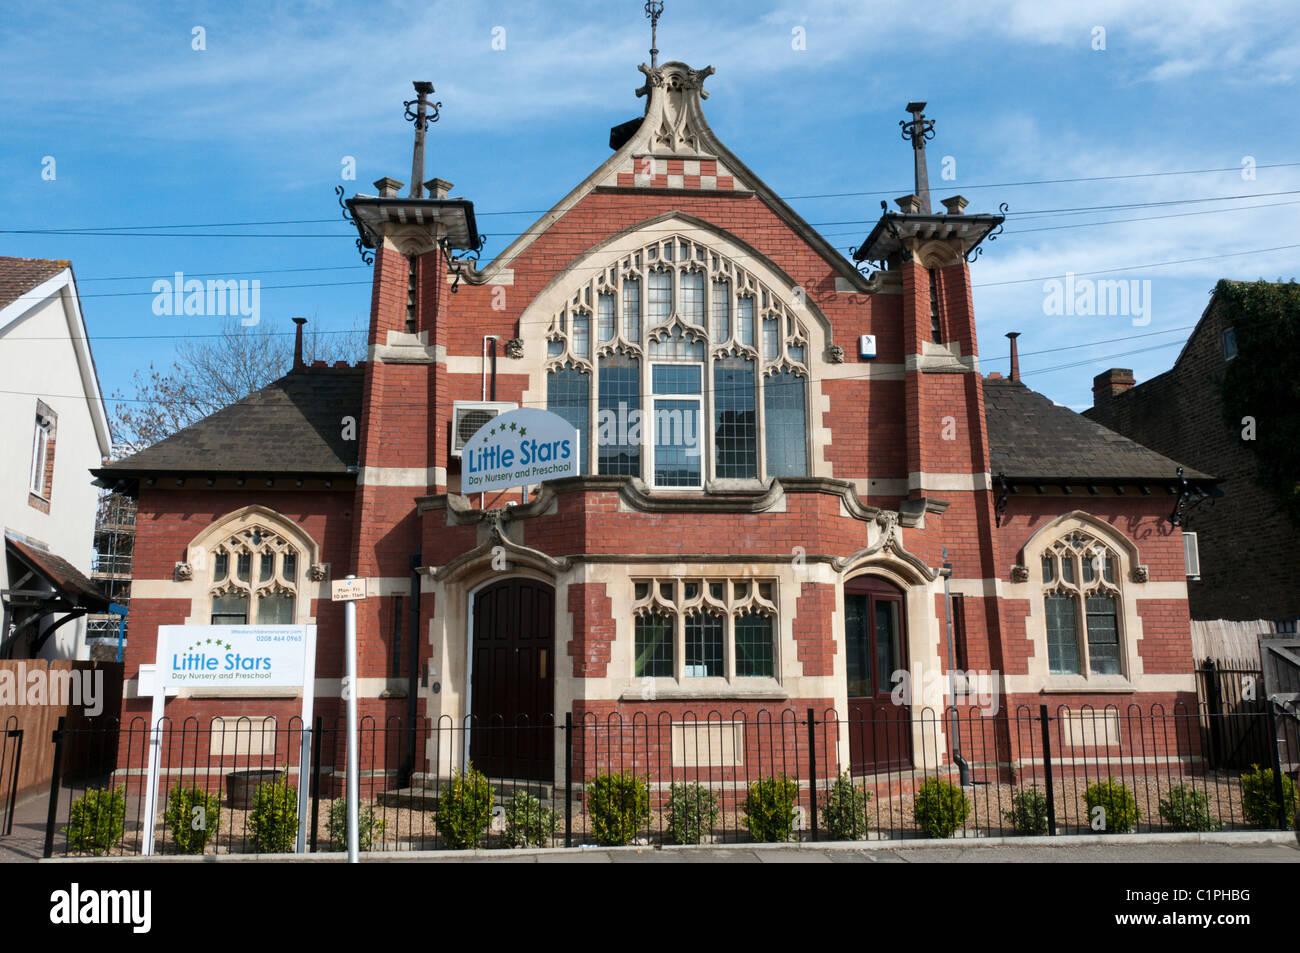 The Little Stars day nursery and preschool in Shortlands is run by Casterbridge Nurseries Ltd. - Stock Image